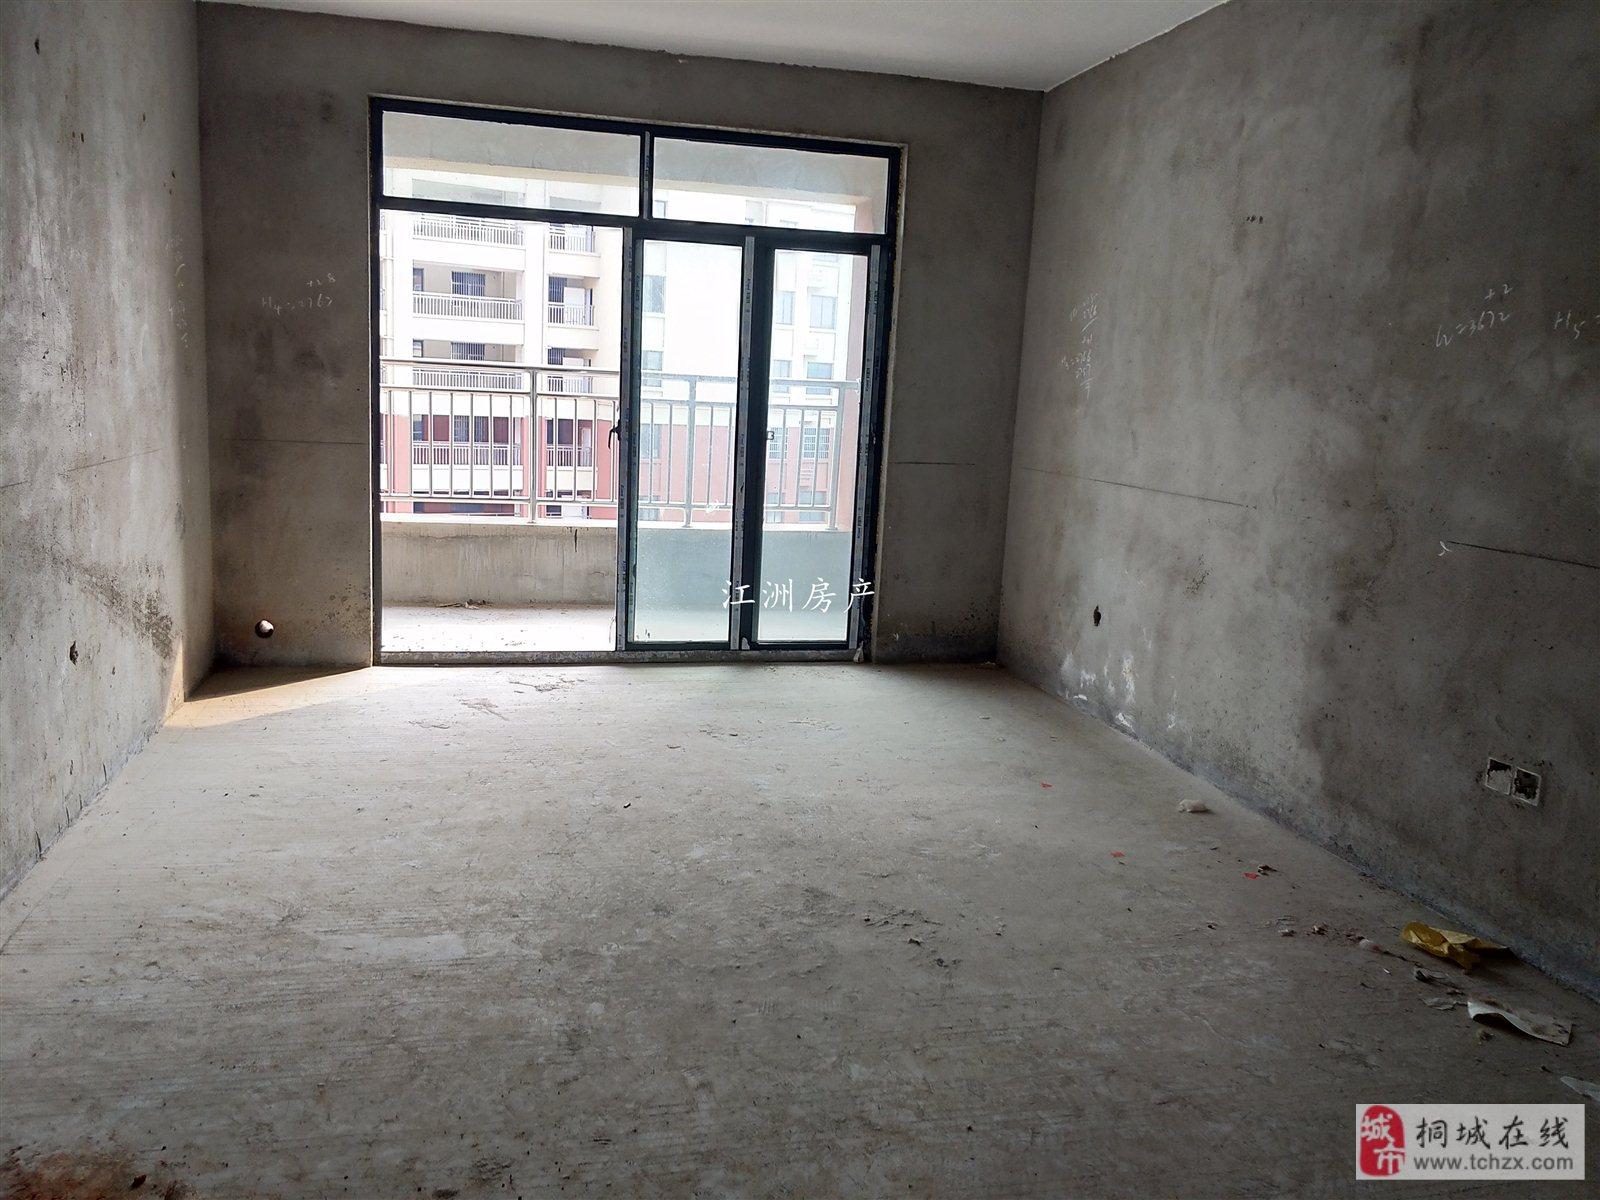 龙腾中央城3室2厅1卫毛坯电梯房65万元